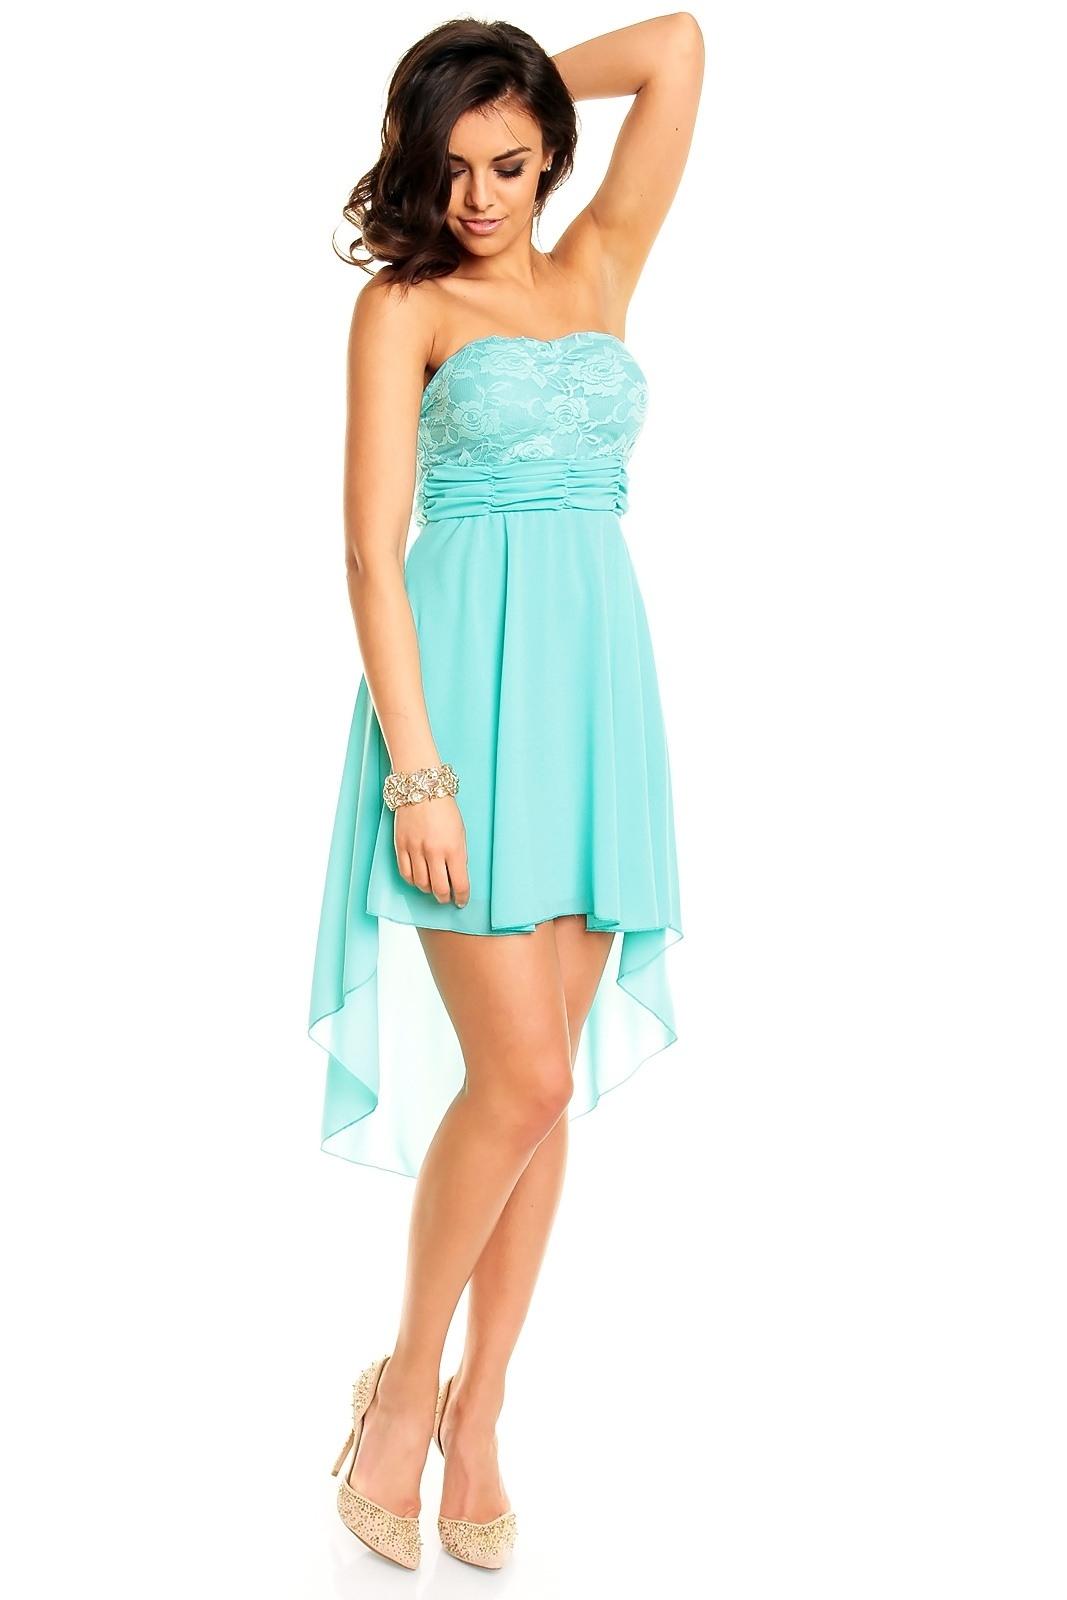 Designer Cool Kleid Lachs DesignFormal Luxus Kleid Lachs Bester Preis